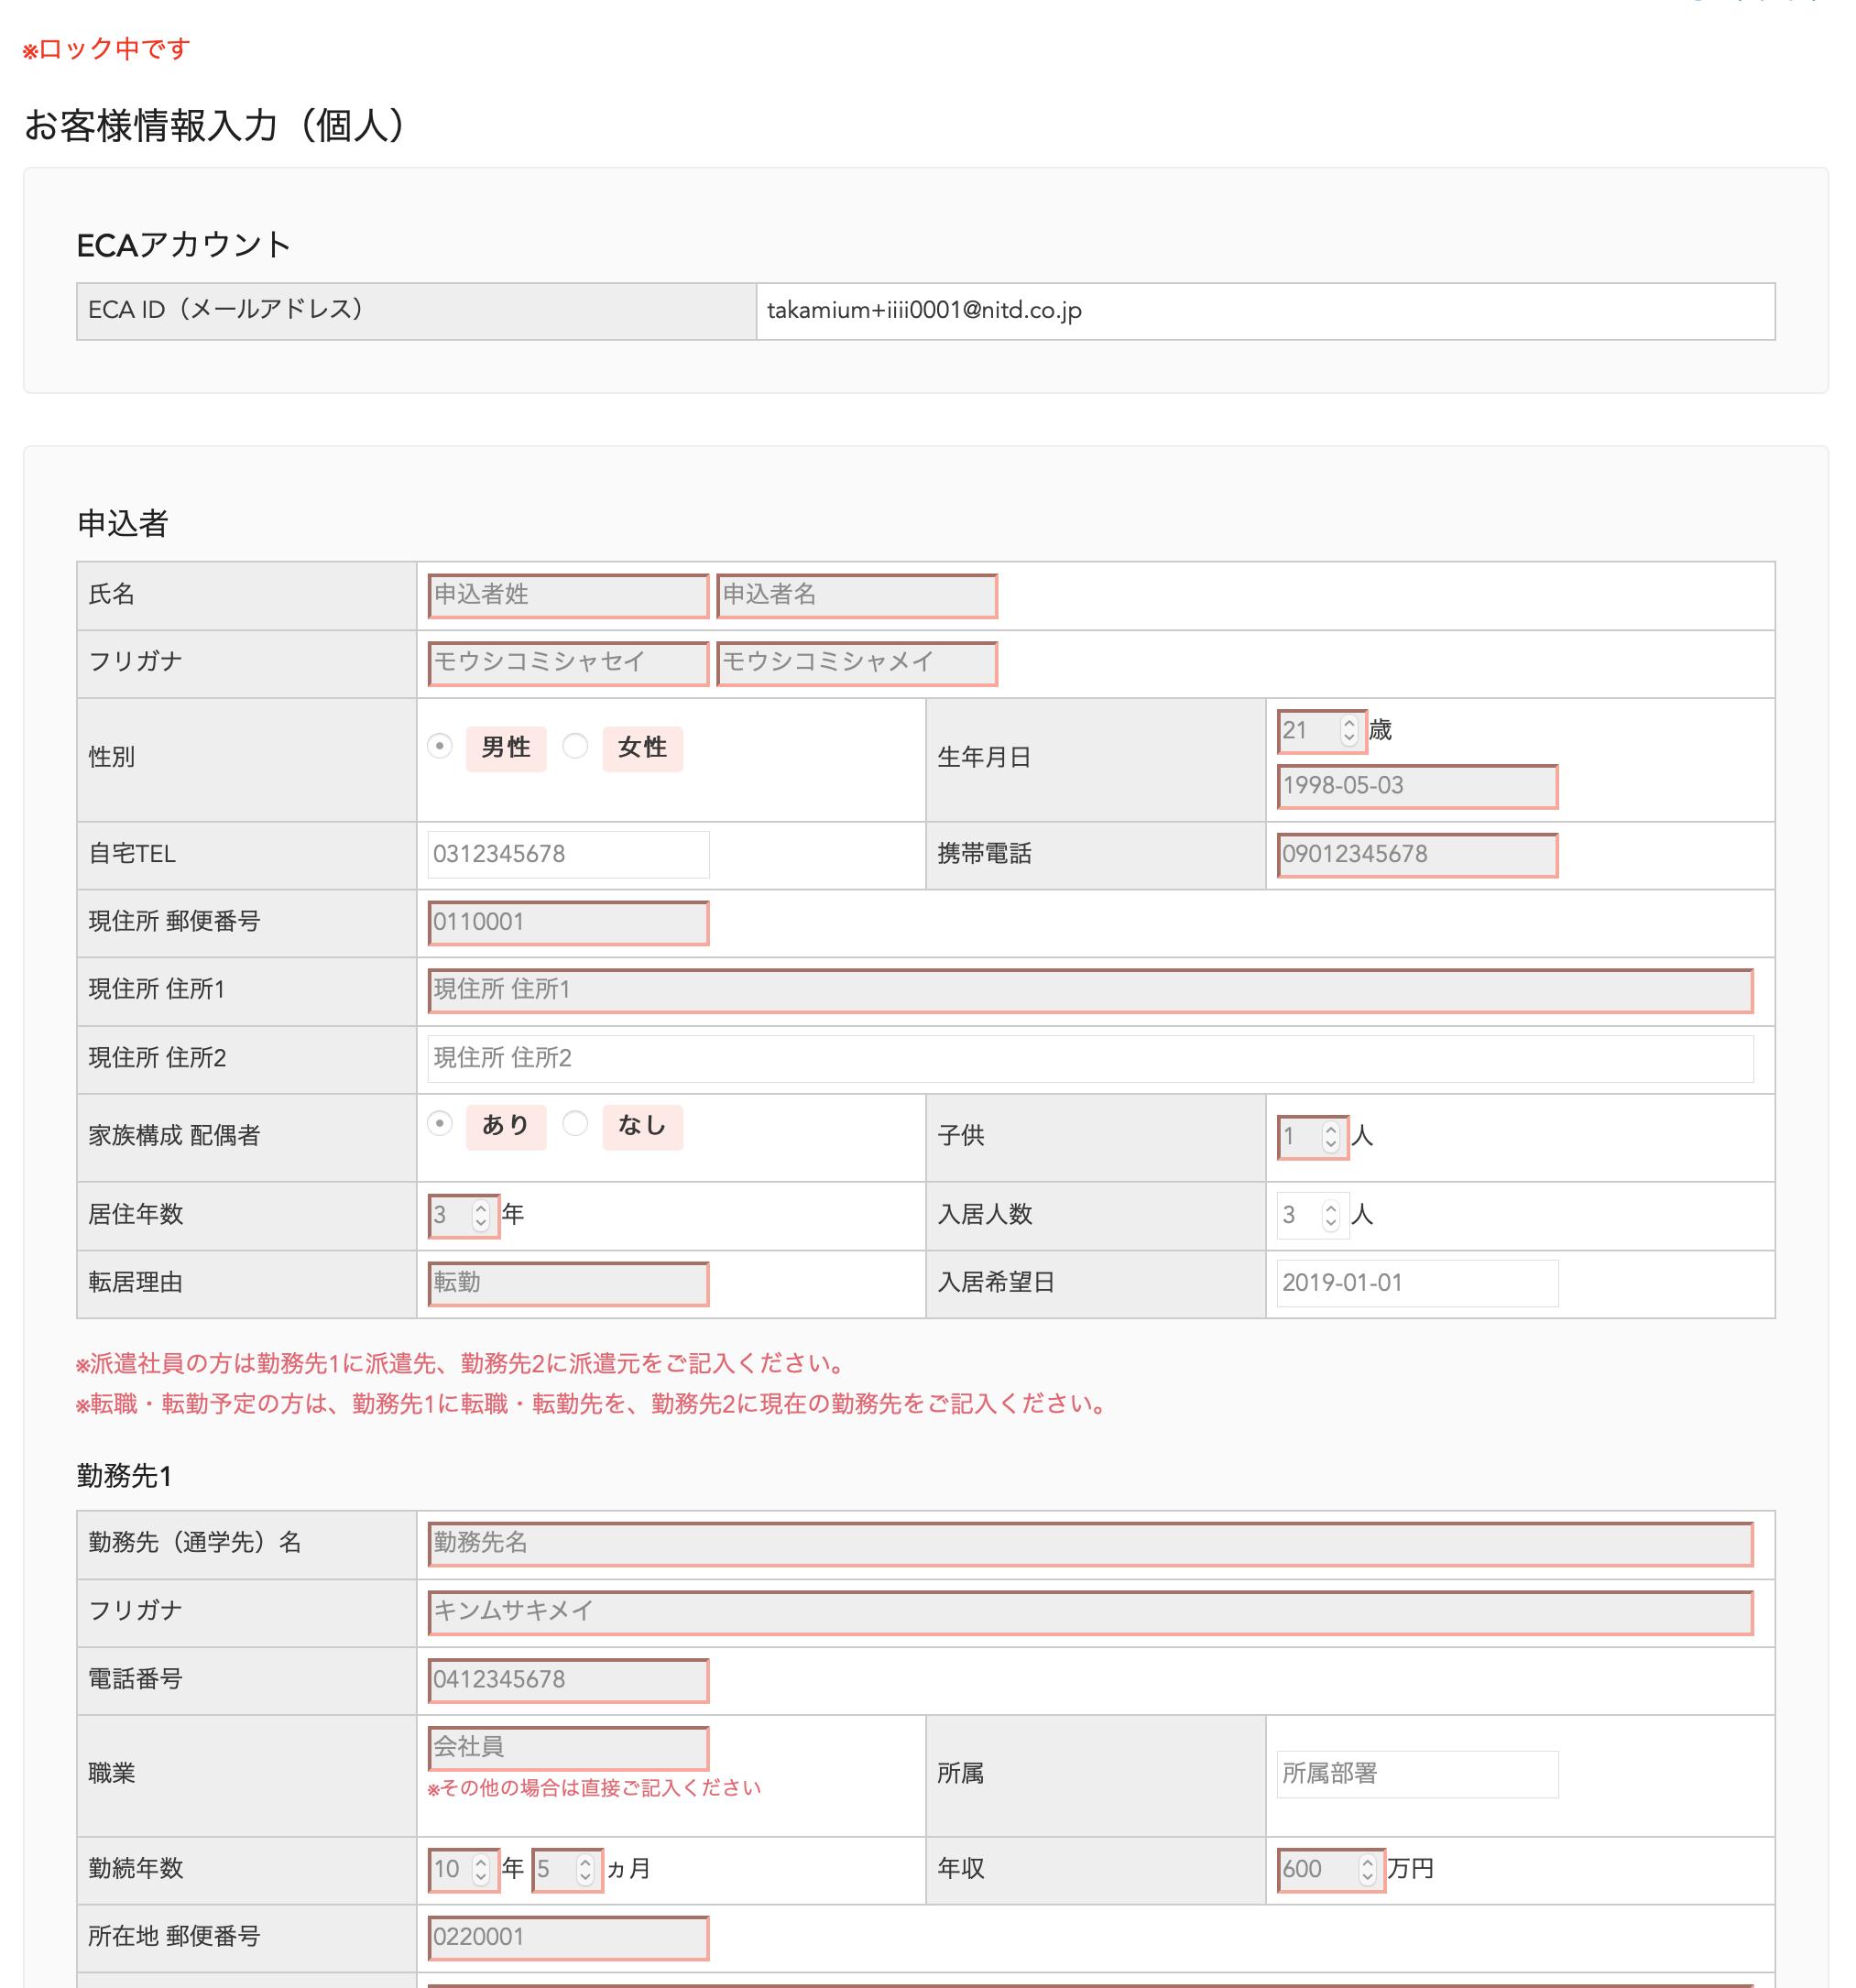 【システム開発事例】APAMAN 電子契約アシスタントシステム『いーかちゃん』